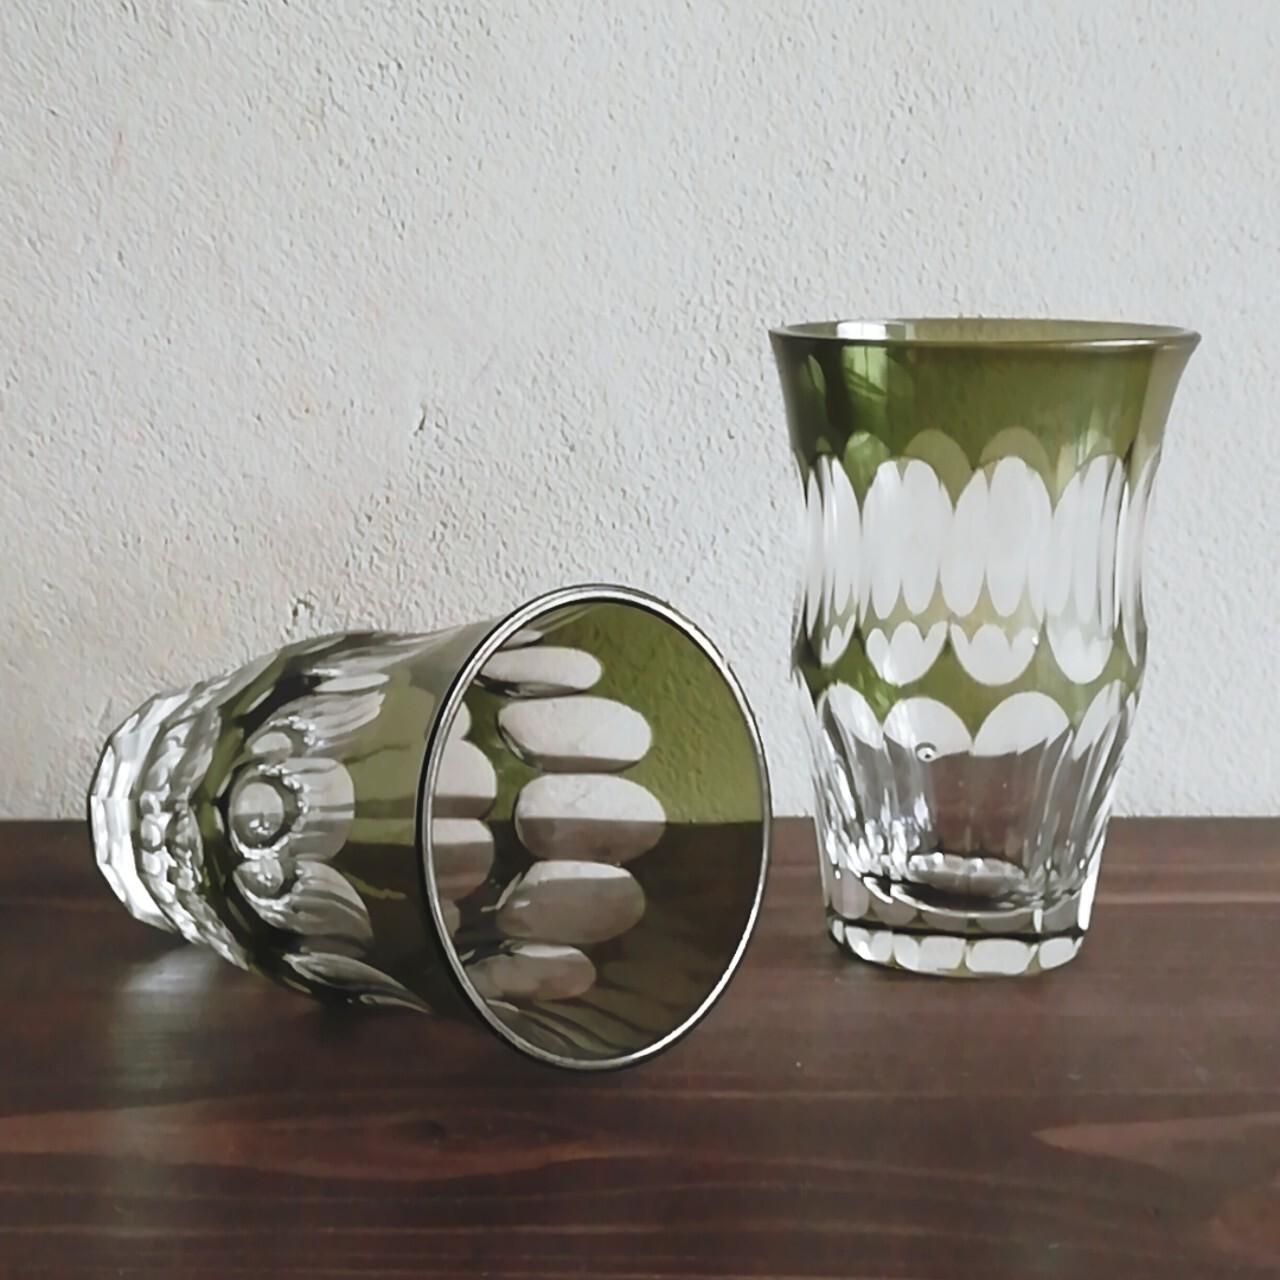 緑被せ 切子コップ【昭和初期頃】